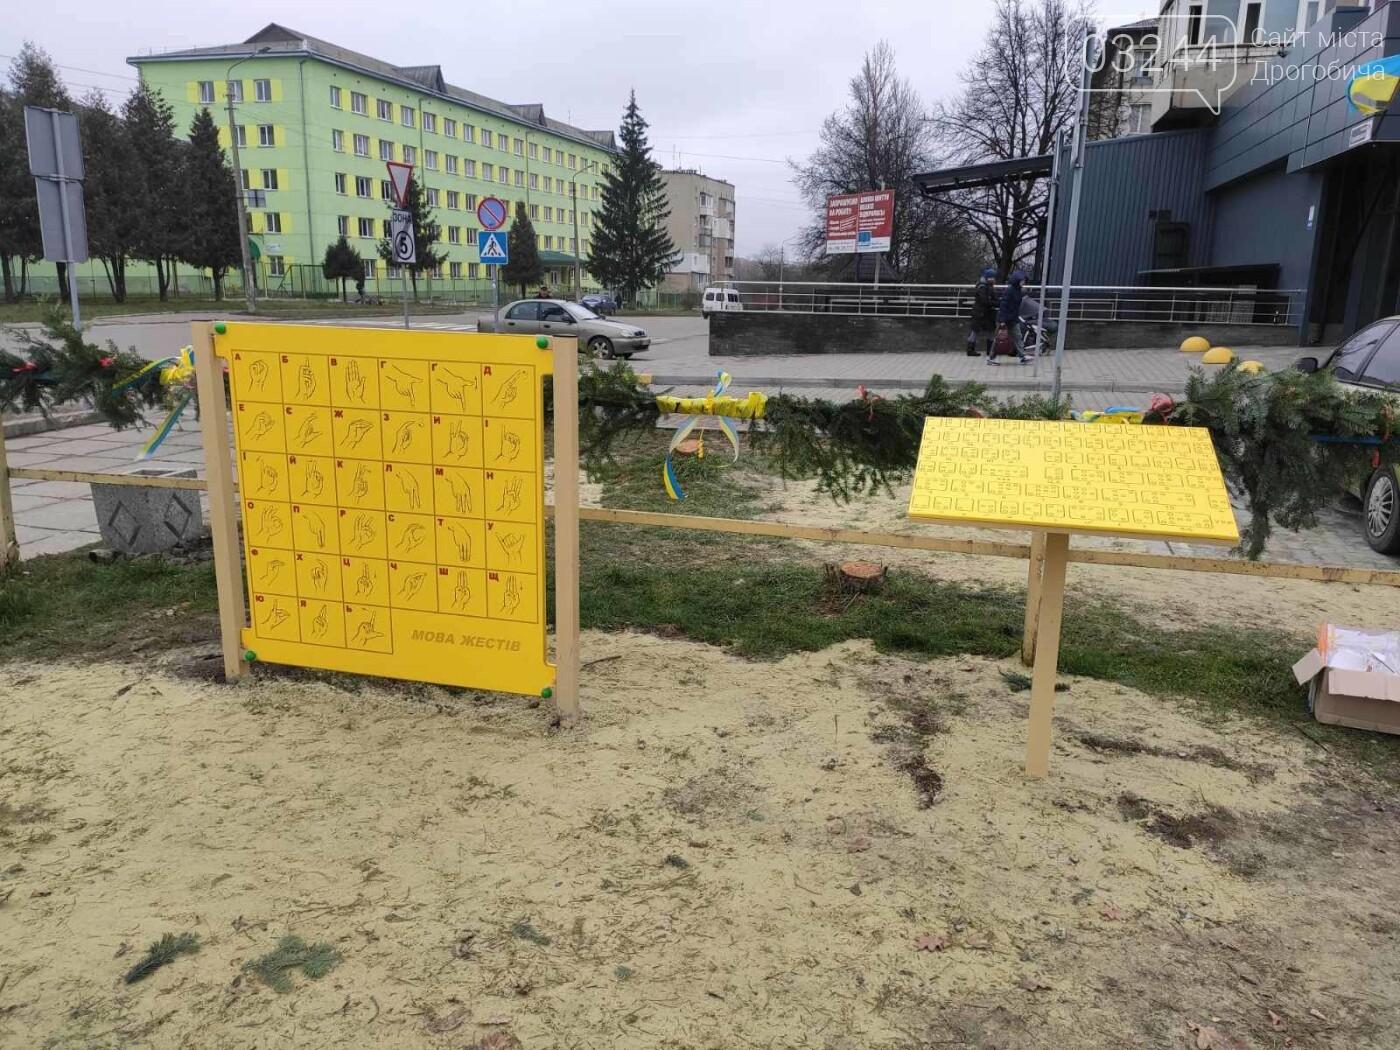 У Дрогобичі відкрили інклюзивний дитячий майданчик для особливих діток, фото-9